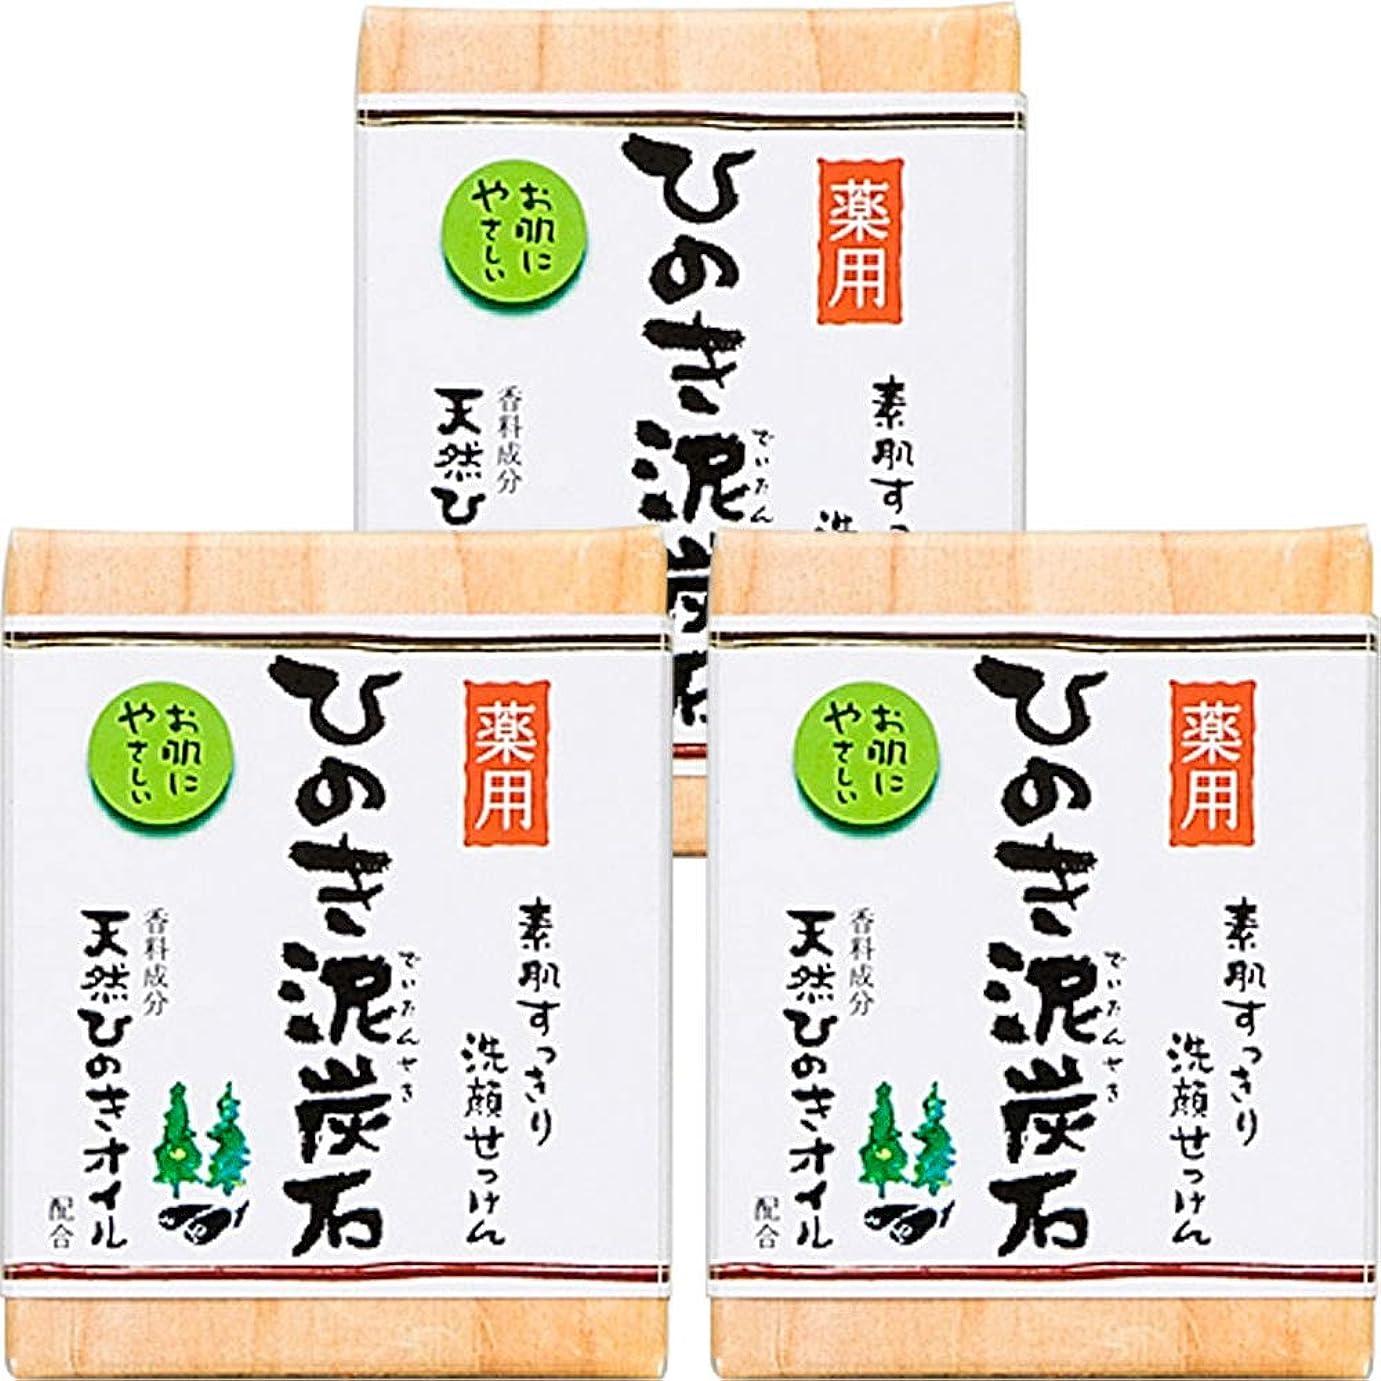 ドライコンクリート過ち薬用 ひのき泥炭石 (75g×3個) 洗顔 石けん [天然ひのきオイル配合] 肌荒れ防止